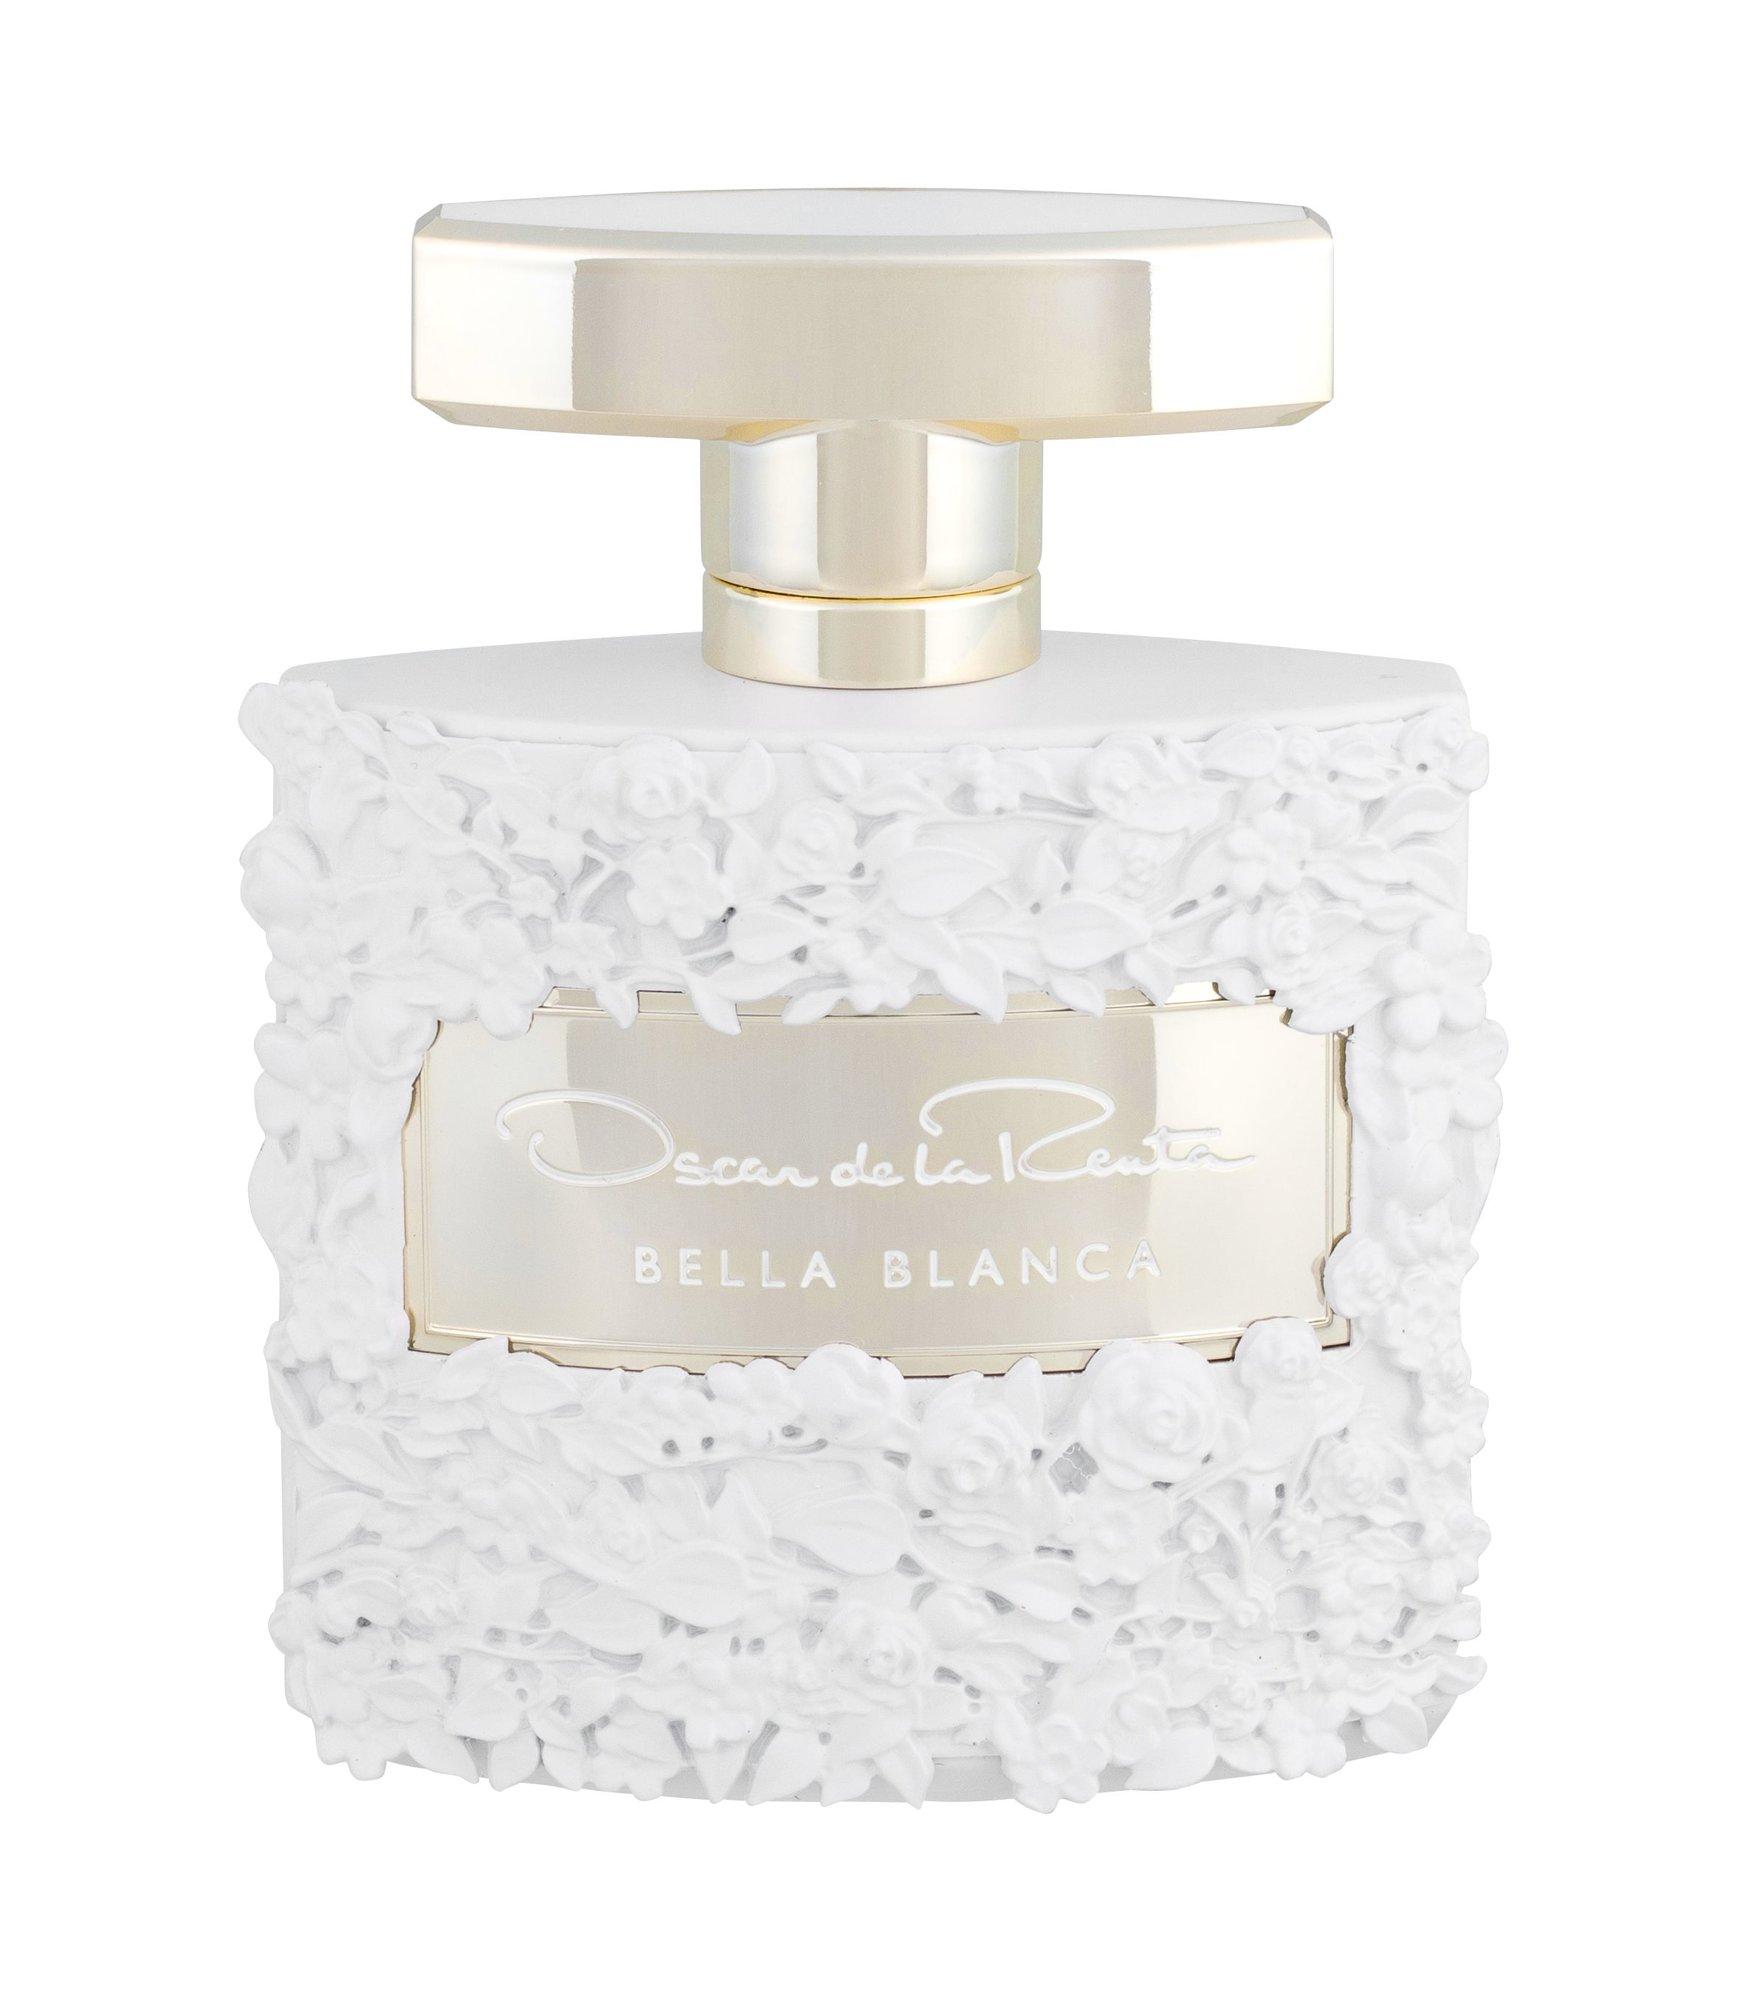 Oscar de la Renta Bella Blanca, Parfumovaná voda 100ml